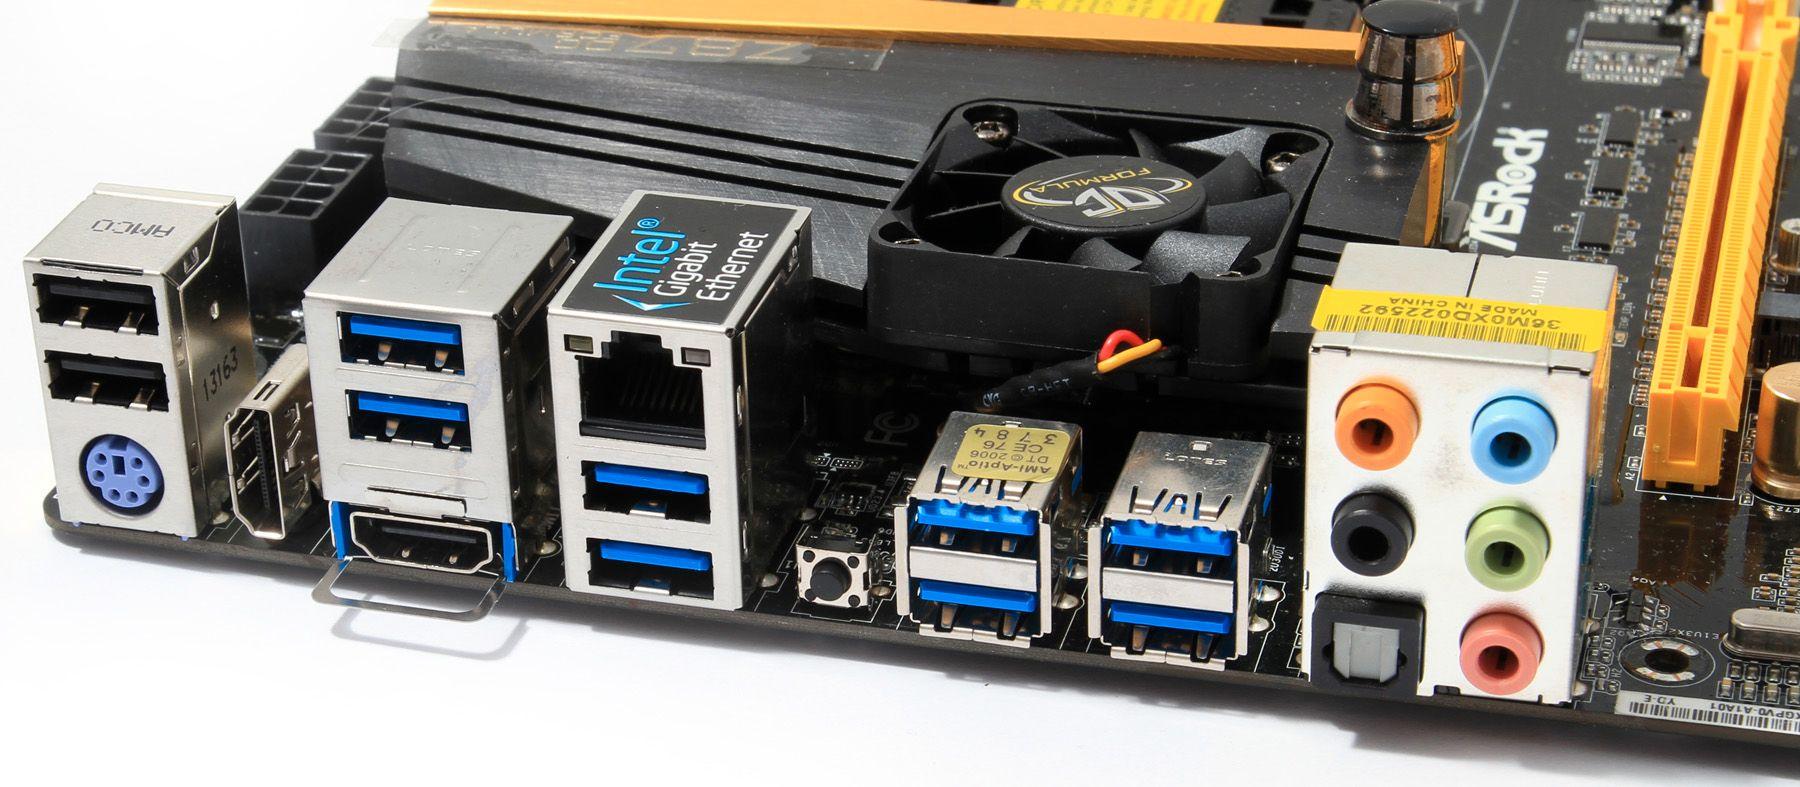 Blant inngangene på bakpanelet finner vi en HDMI-inn-kontakt, slik at du slipper å flytte på kabler for å endre hvilket enhet som er koblet til skjermen din. Foto: Sindre Eldøy - Hardware.no